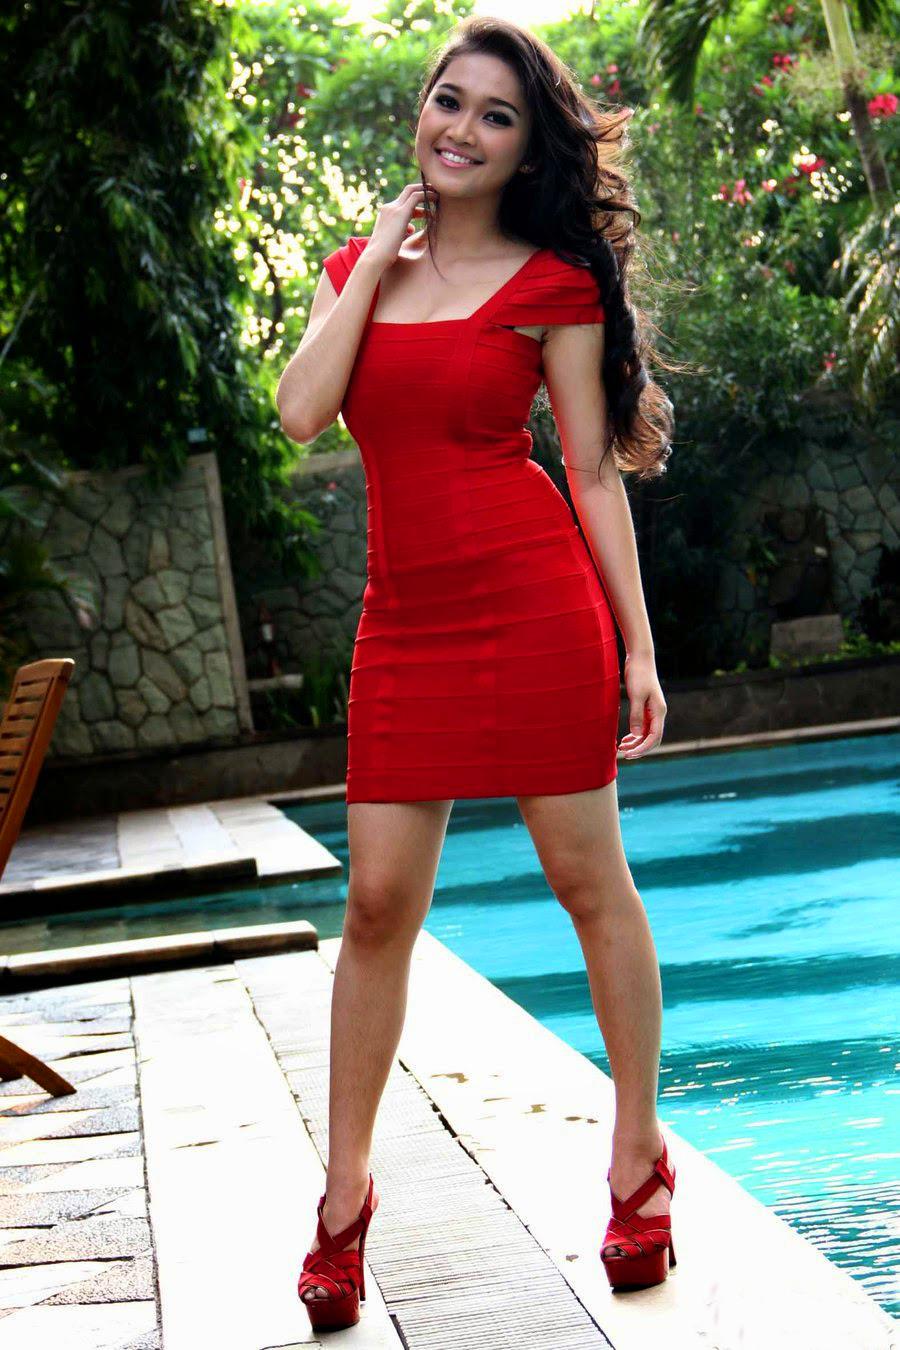 foto paha mulus cewek cewek igo artis cantik Rini Septyarini dengan Gaun Merah Pendek bb